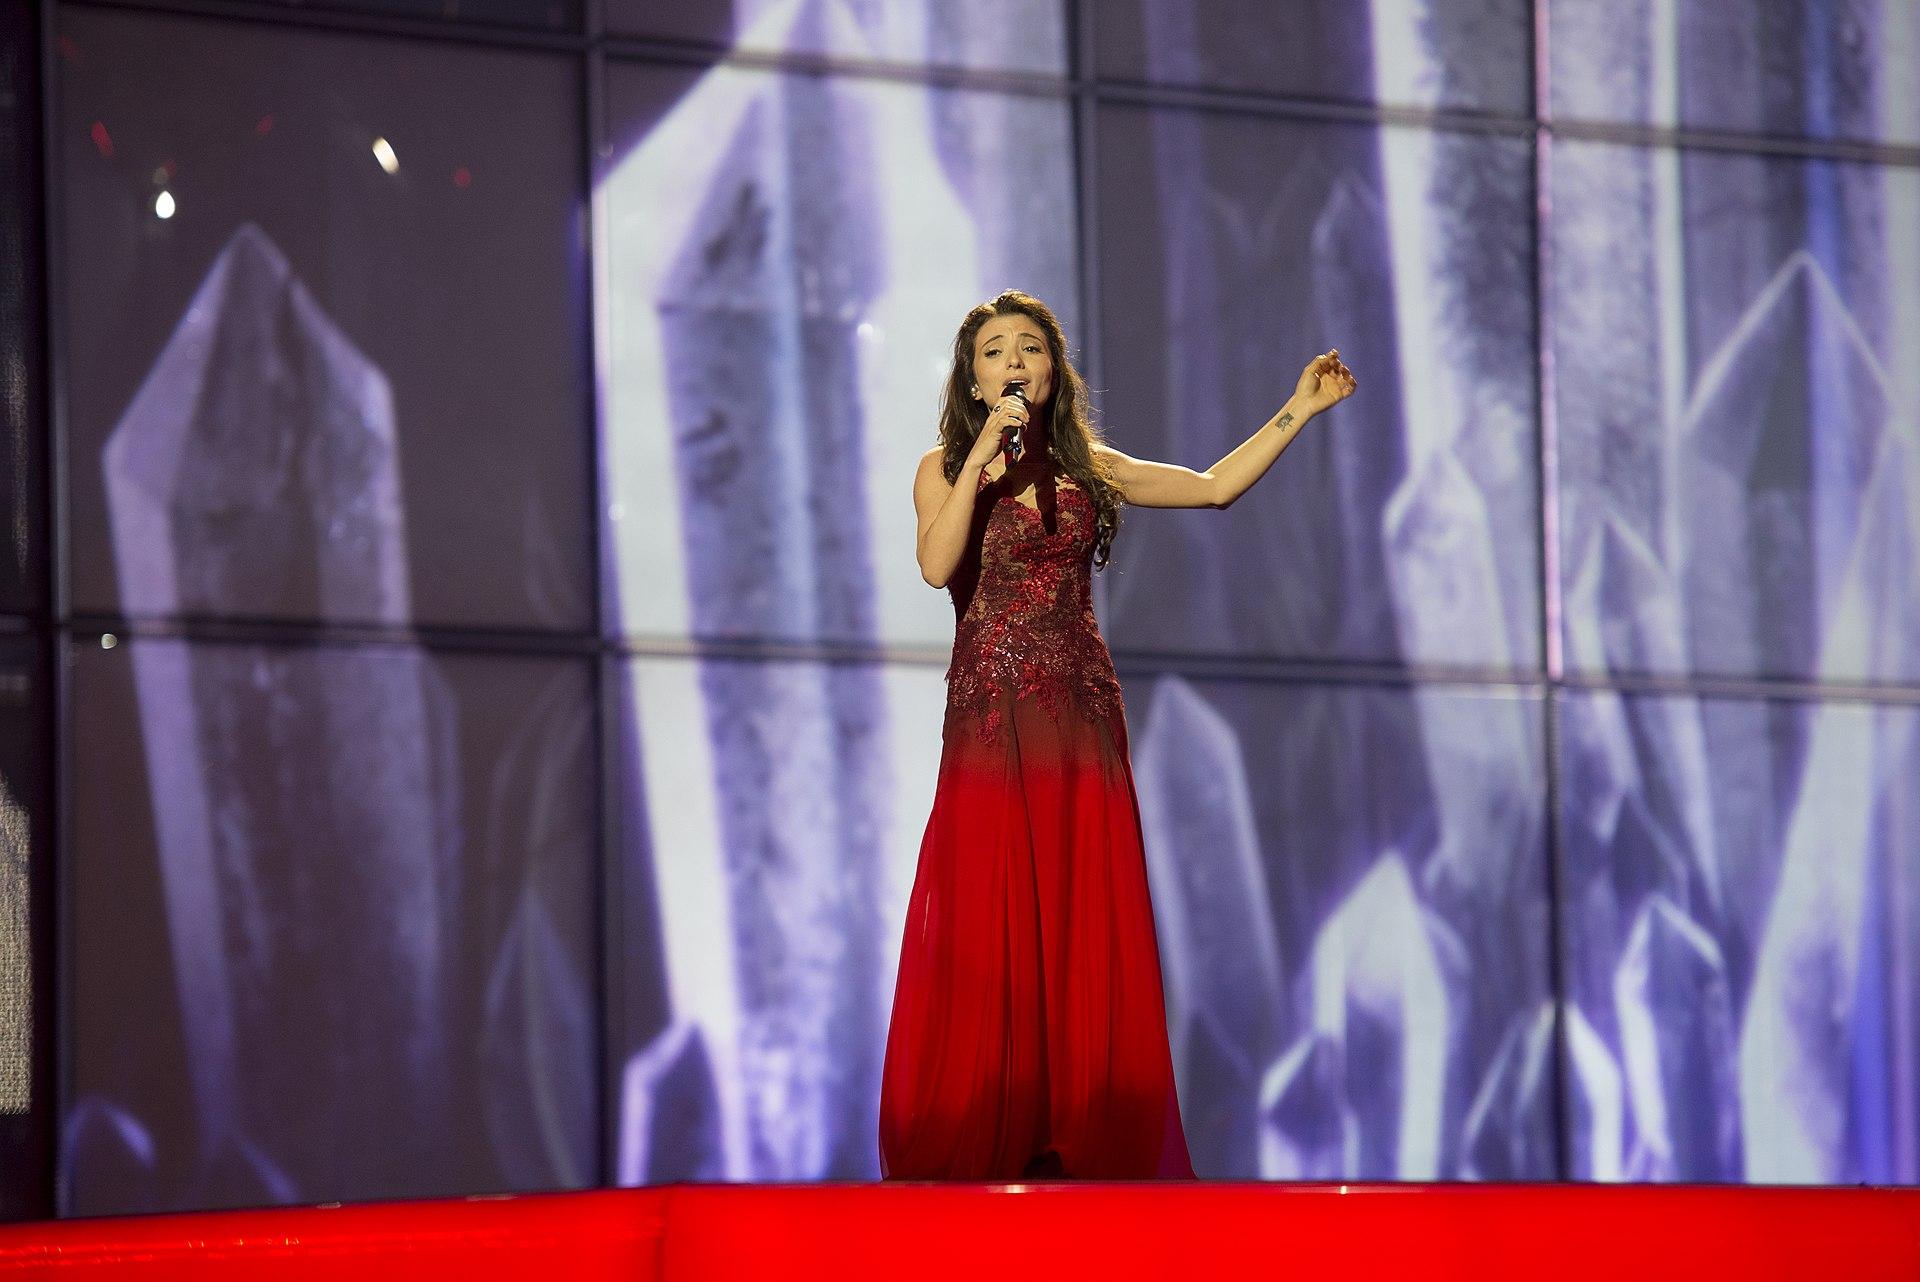 Azerbaijan in the Eurovision Song Contest 2014